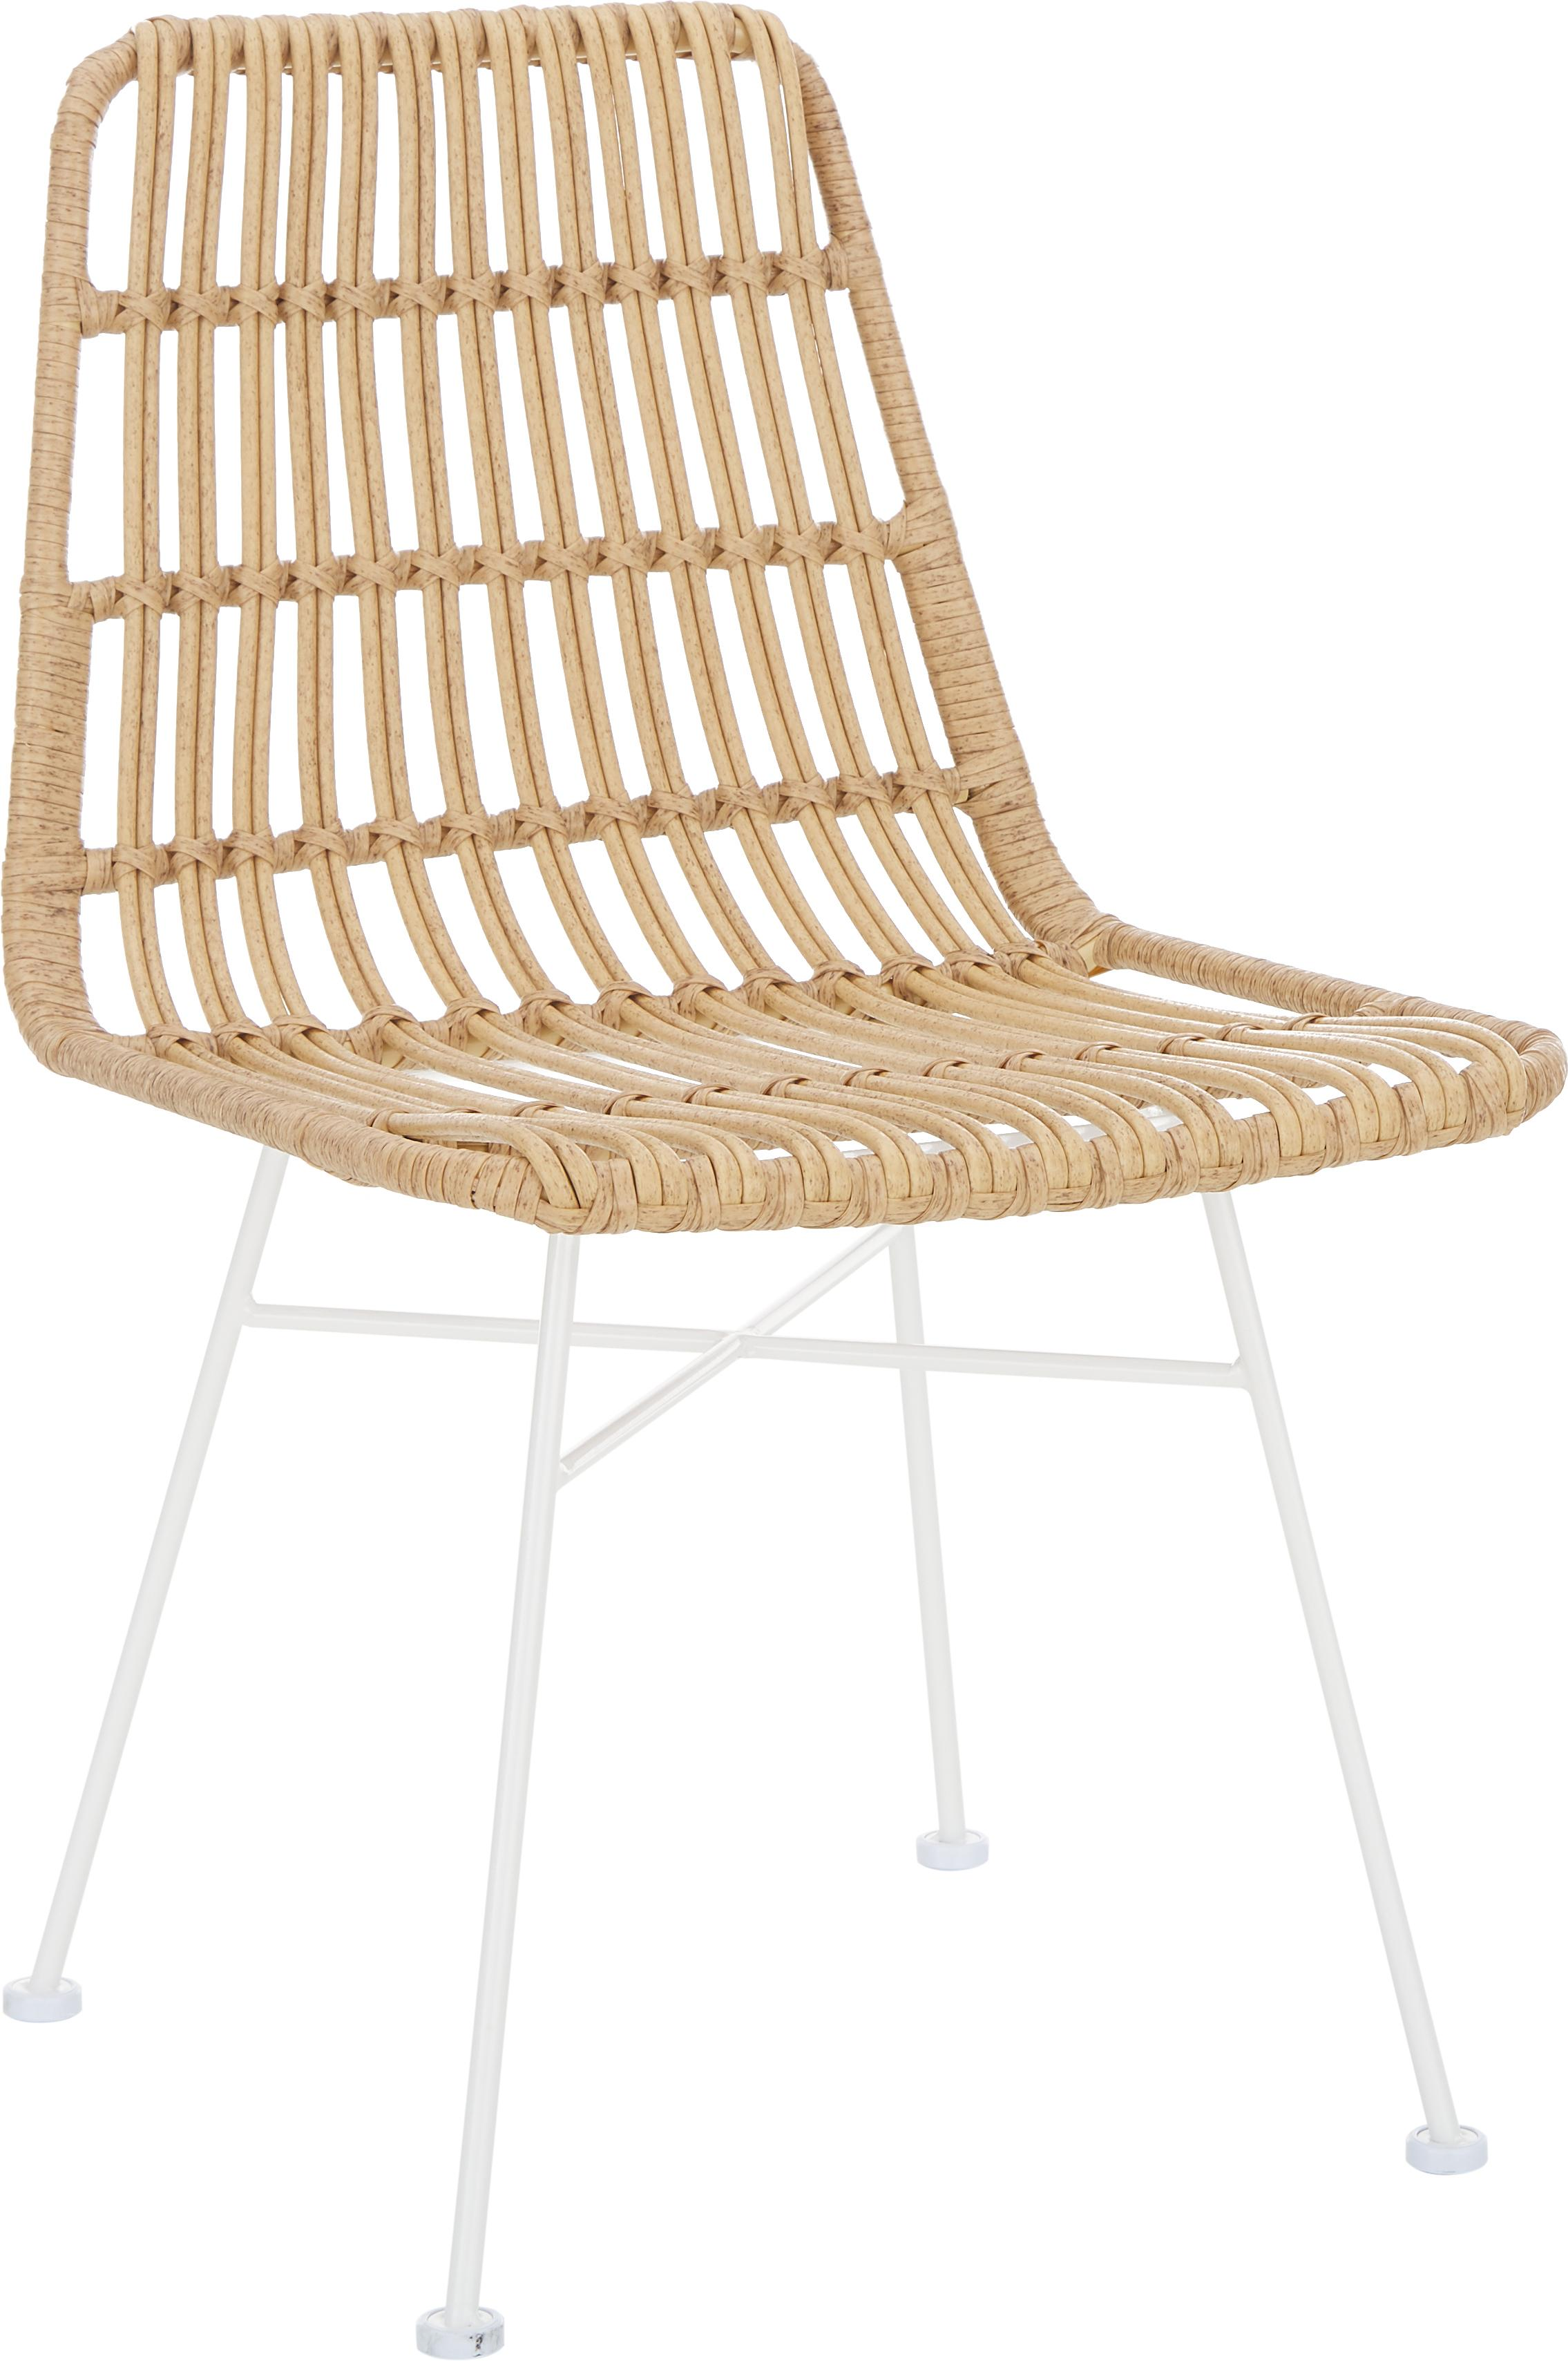 Sillas Tulum, 2uds., Asiento: polietileno, Estructura: metal, pintura en polvo, Asiento: beige manchado Estructura: blanco mate, An 47 x F 62 cm